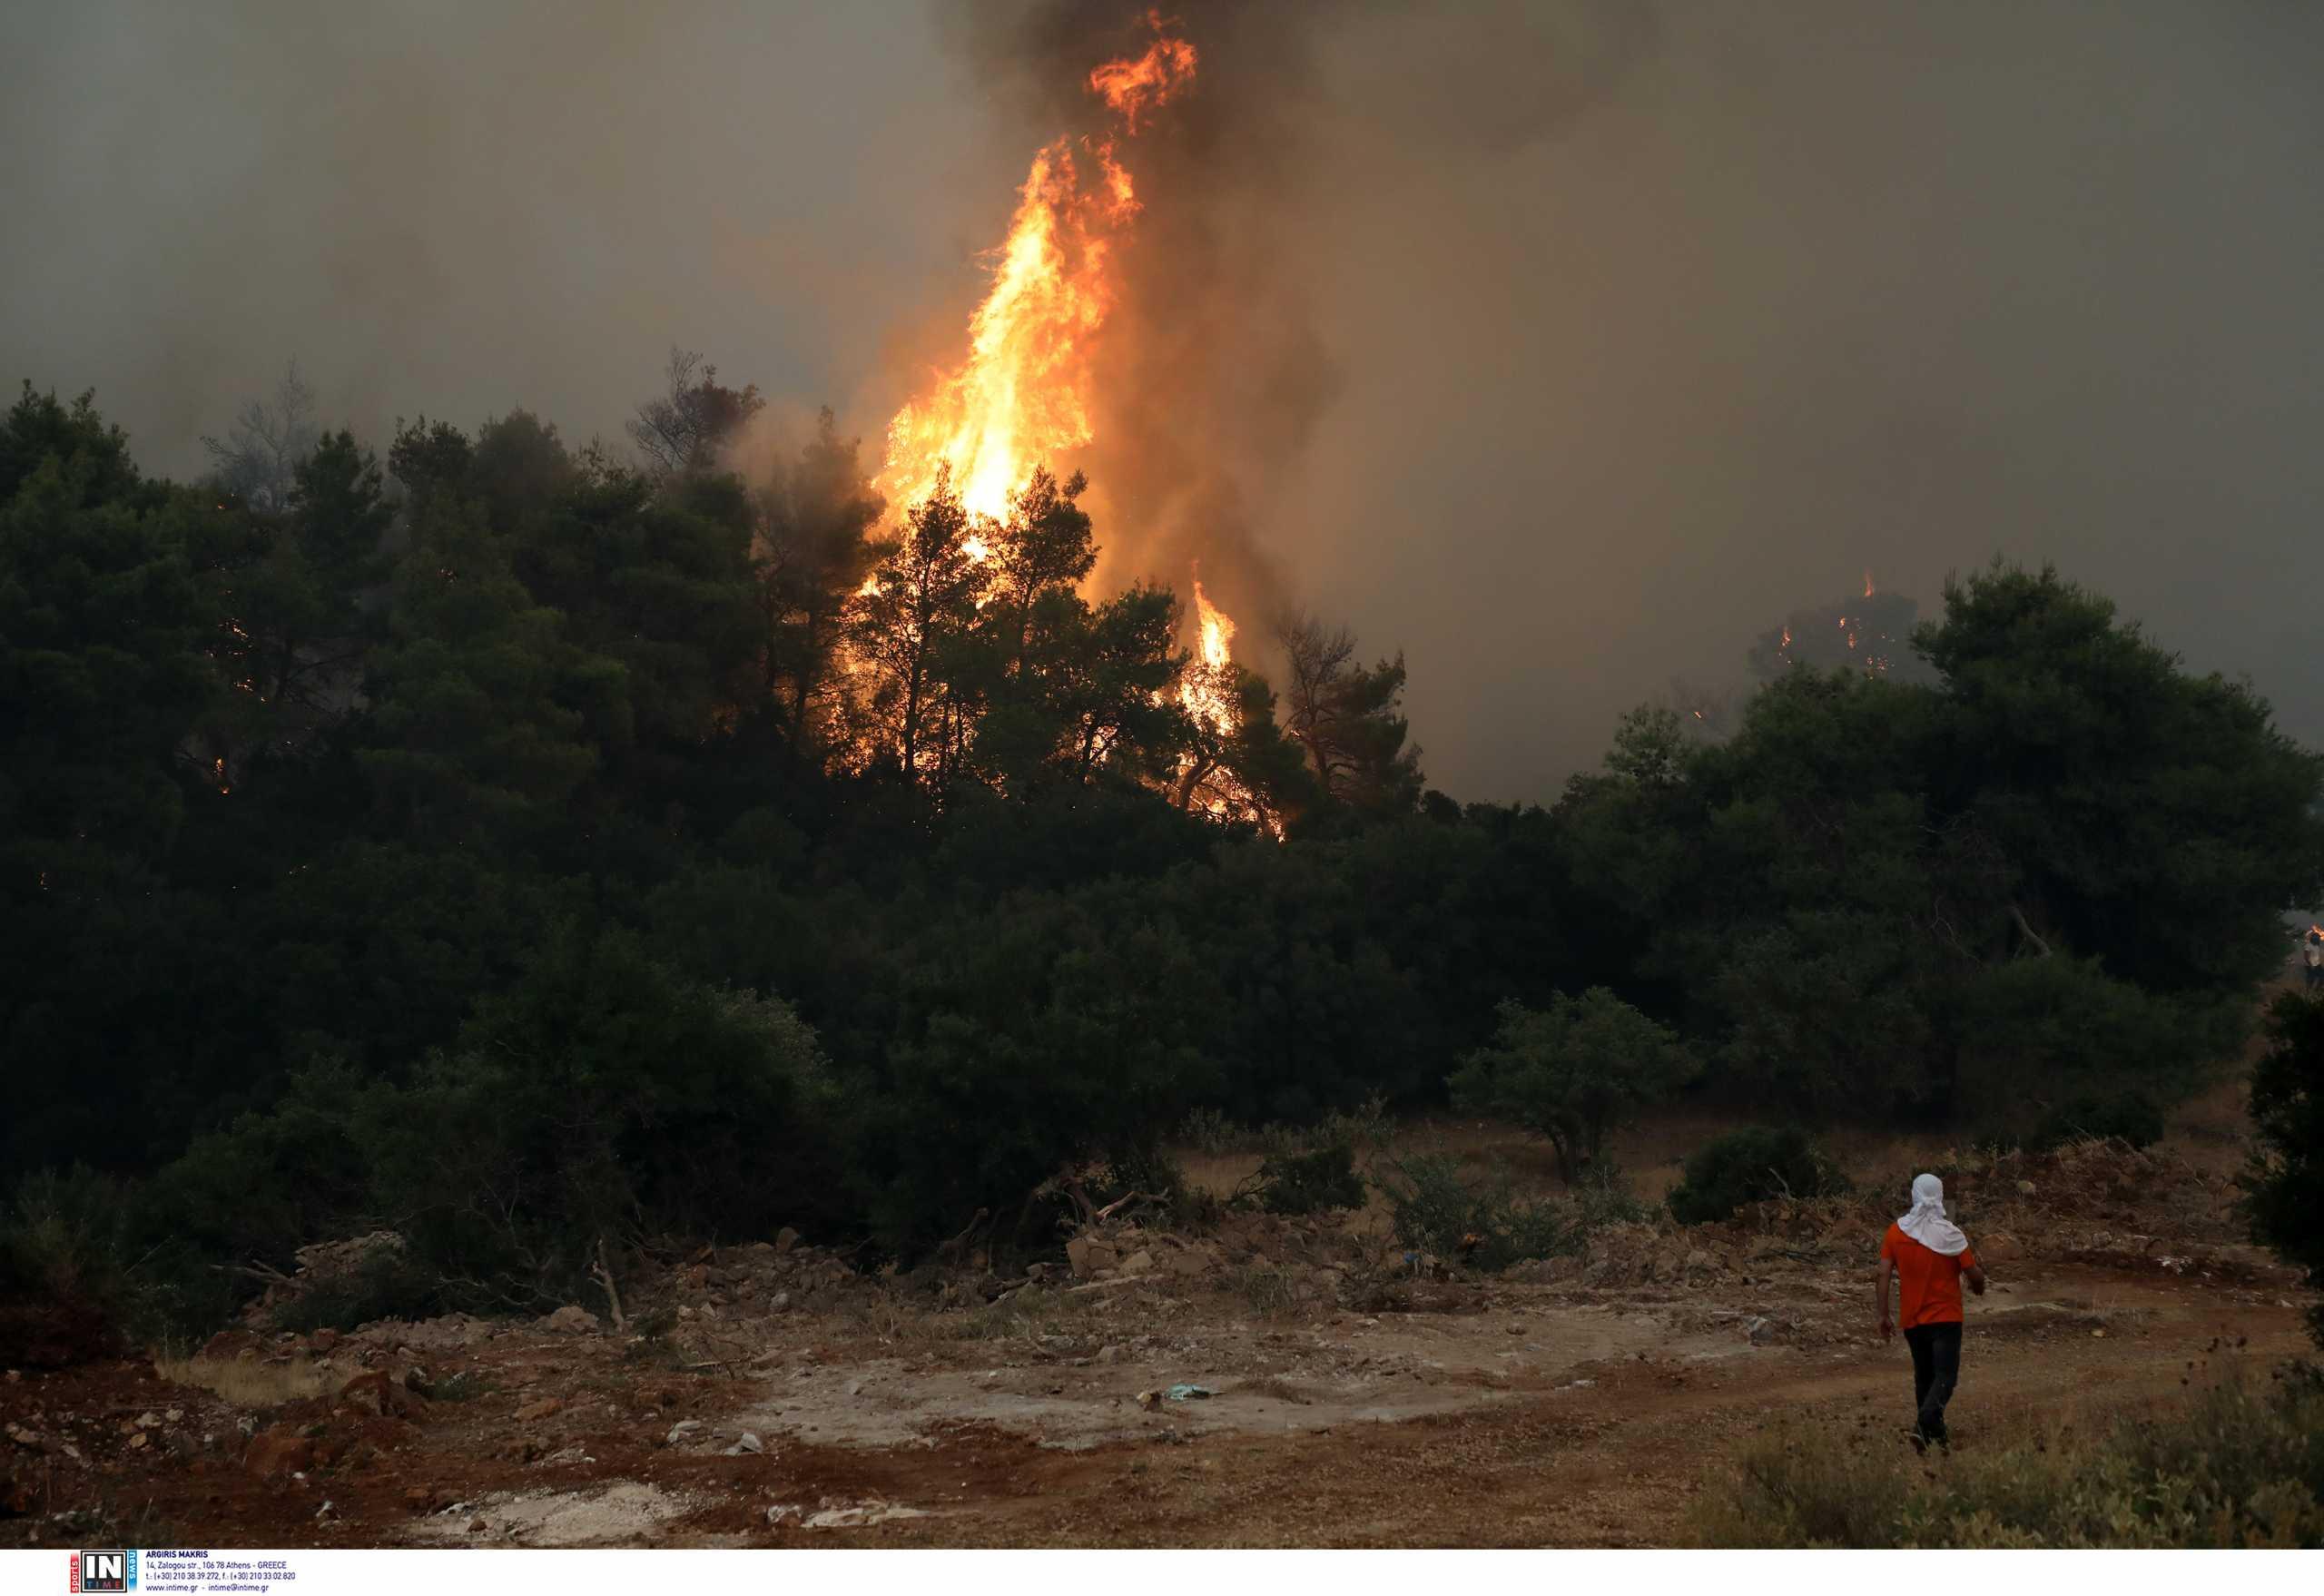 Φωτιά στα Βίλια: Δύσκολη νύχτα μετά την αναζωπύρωση στον Προφήτη Ηλία